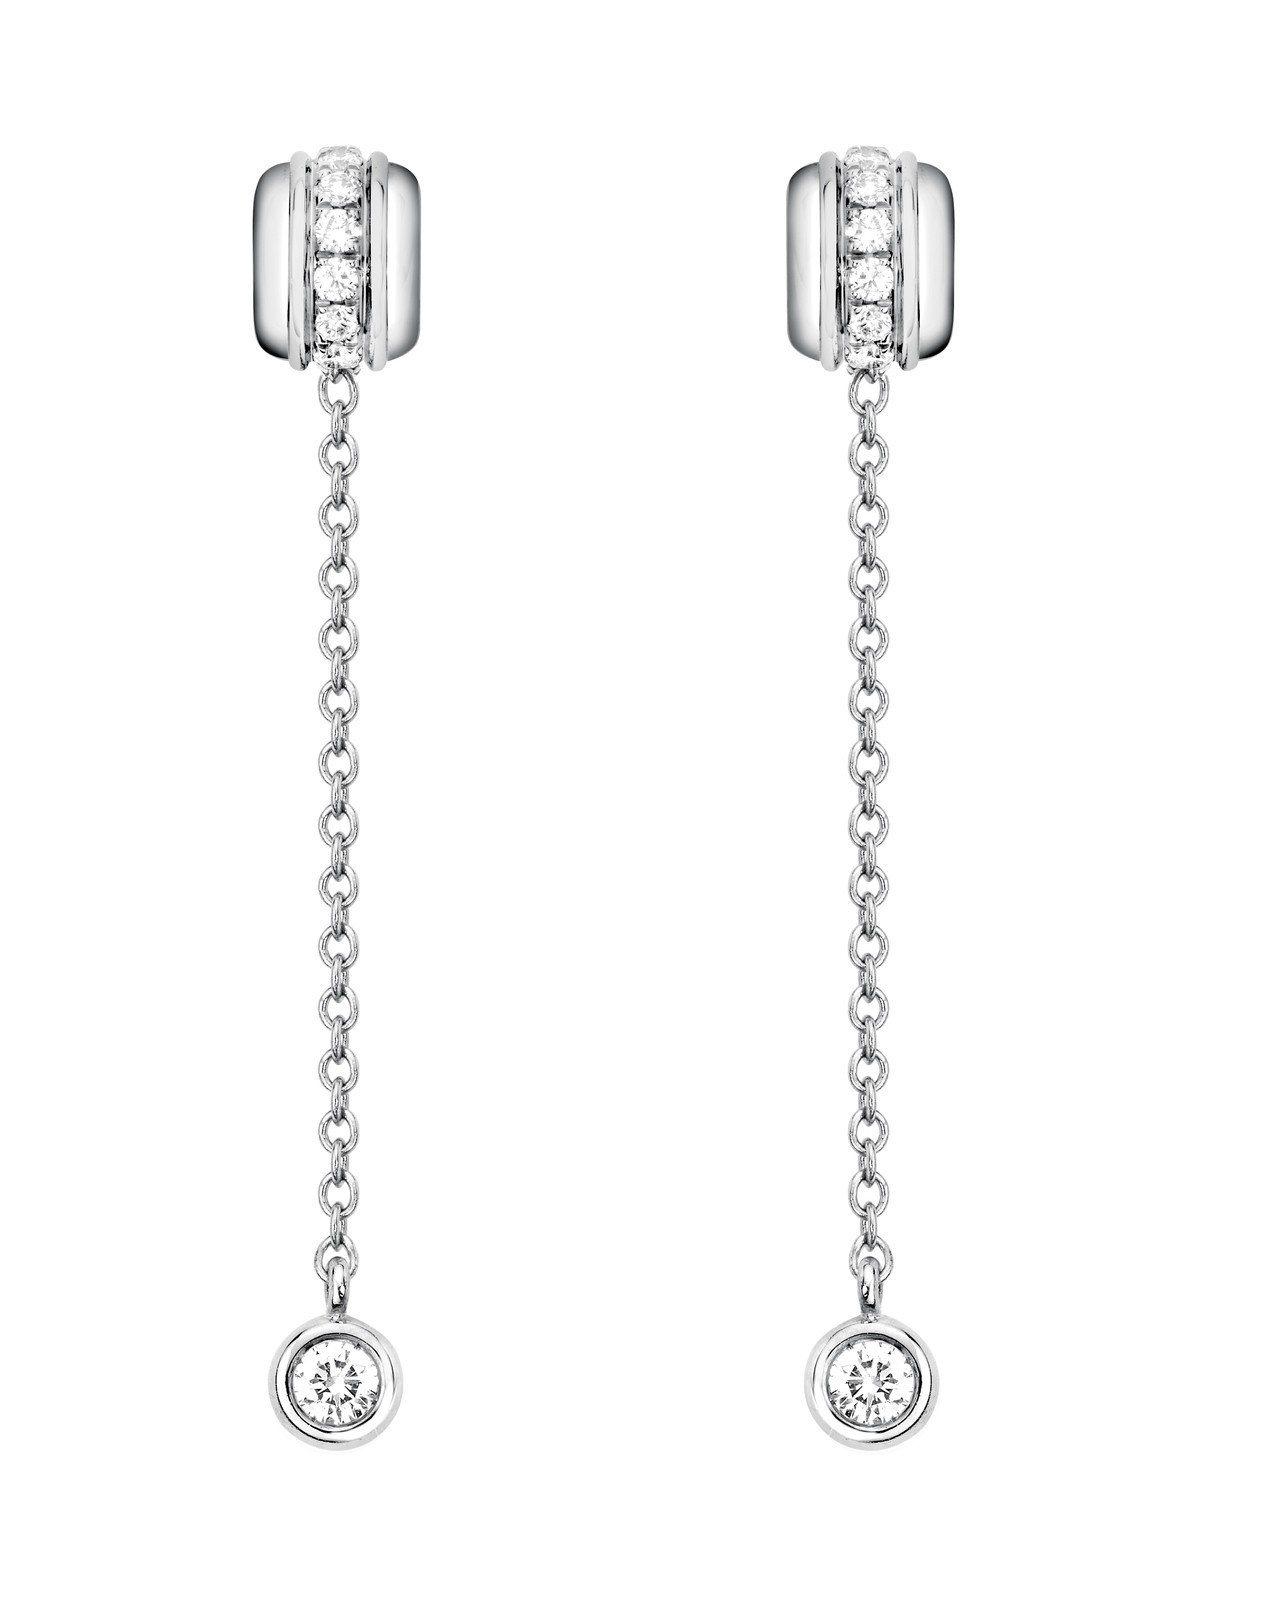 吳念軒配戴Possession系列耳環,白K金鑲嵌16顆圓形美鑽約0.25克拉,...